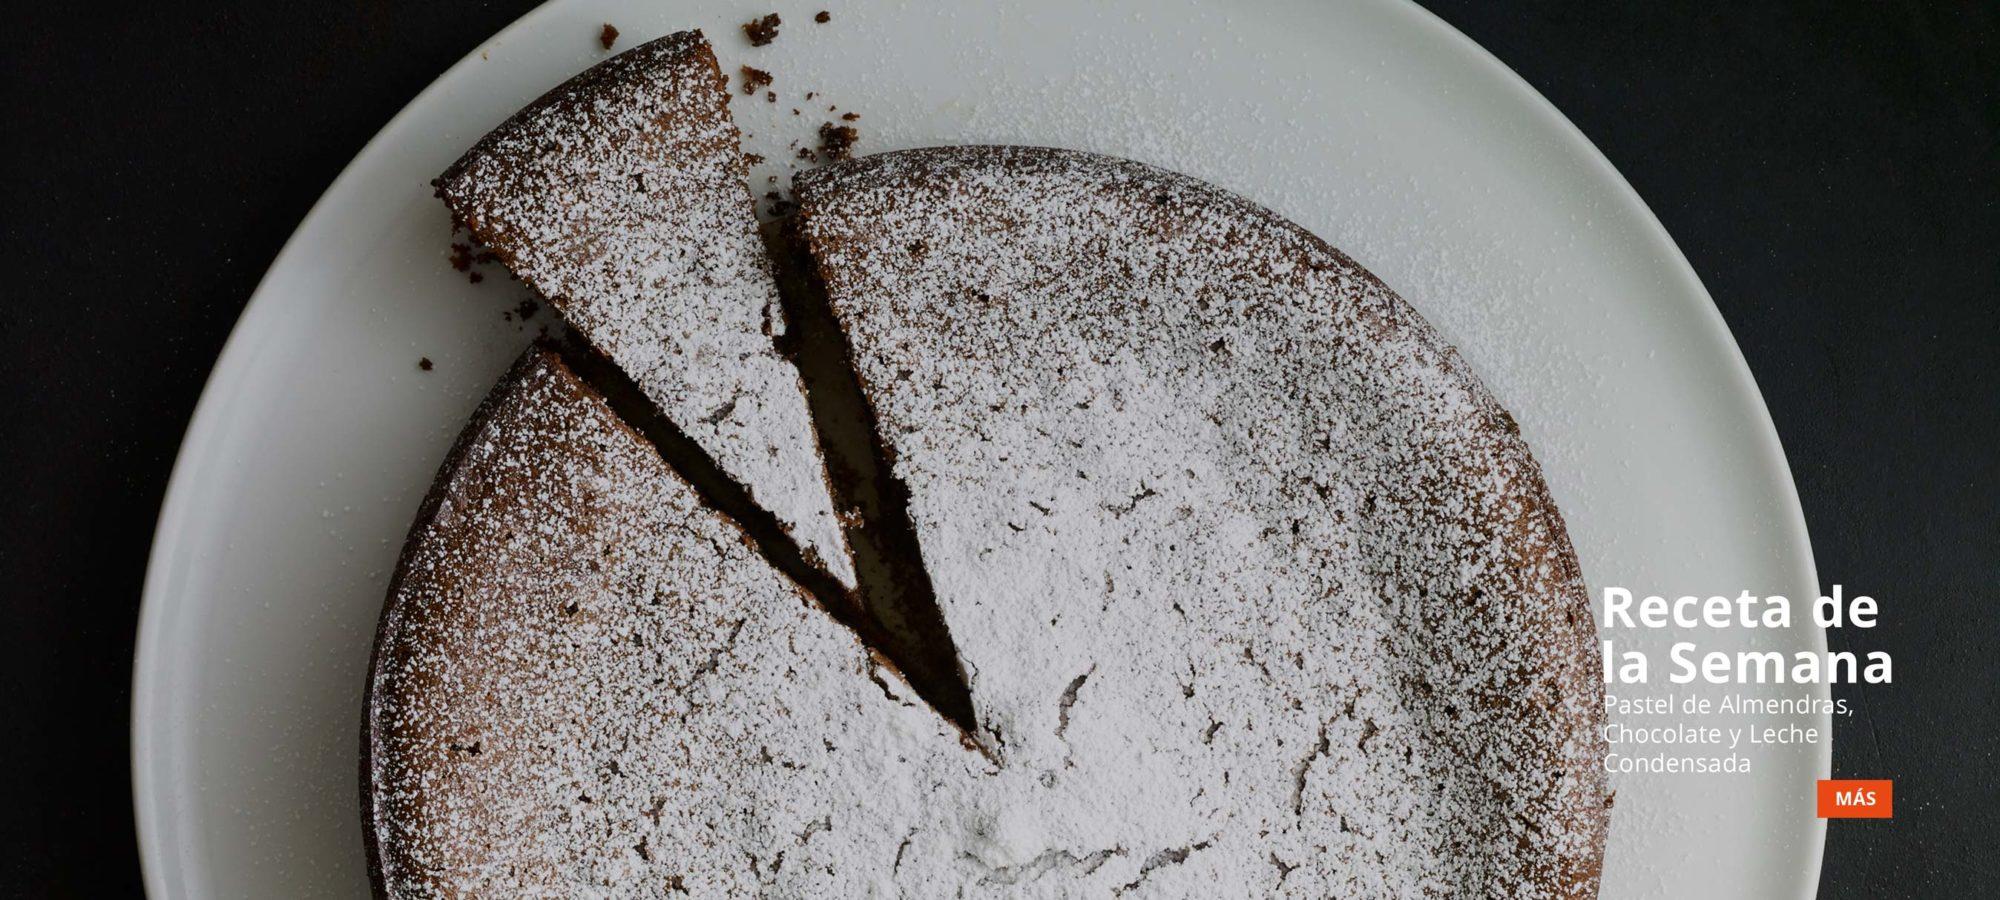 Pastel de almendras, chocolate y leche condensada